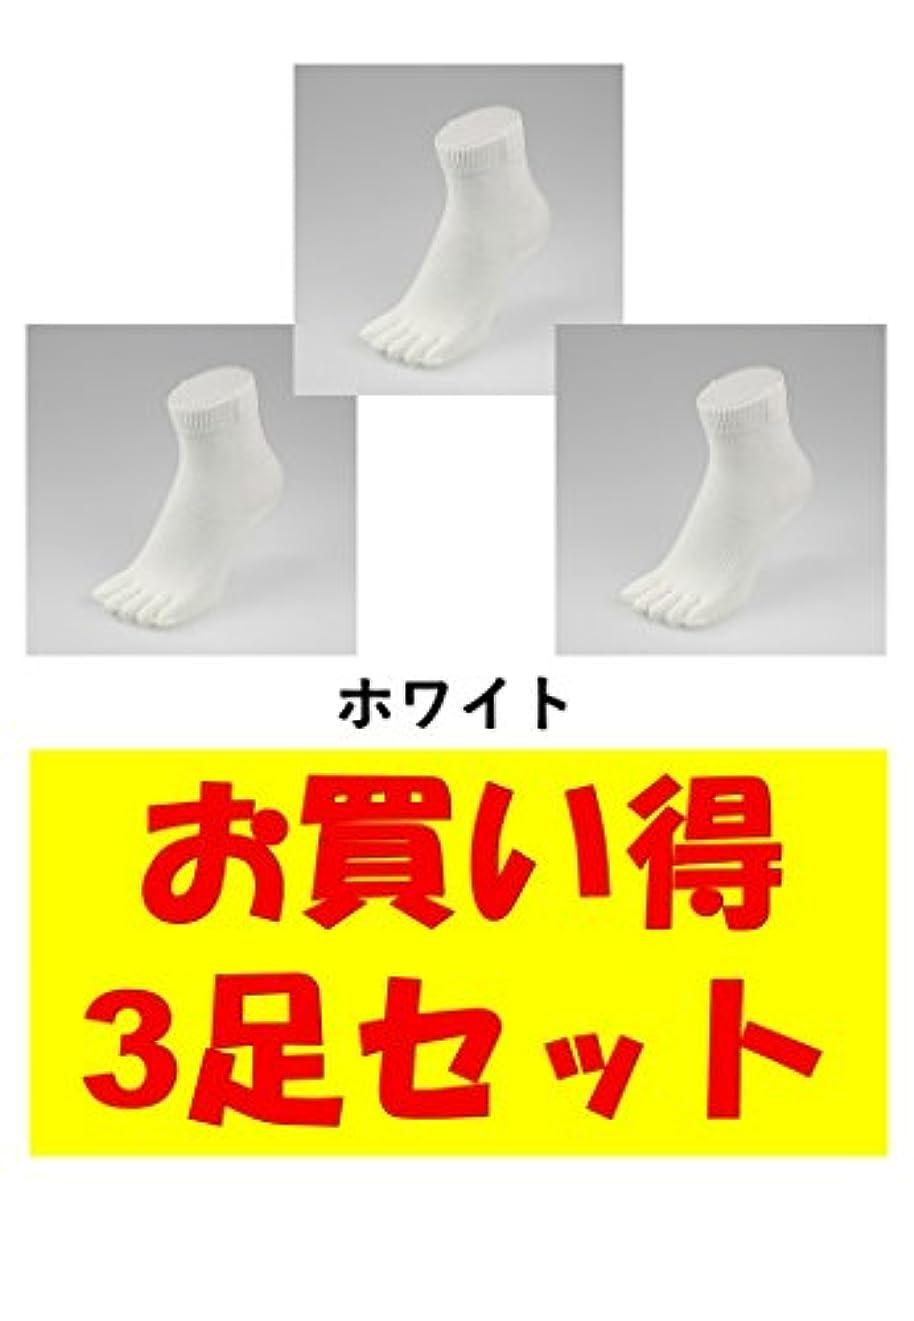 協定つま先シェフお買い得3足セット 5本指 ゆびのばソックス Neo EVE(イヴ) ホワイト Sサイズ(21.0cm - 24.0cm) YSNEVE-WHT